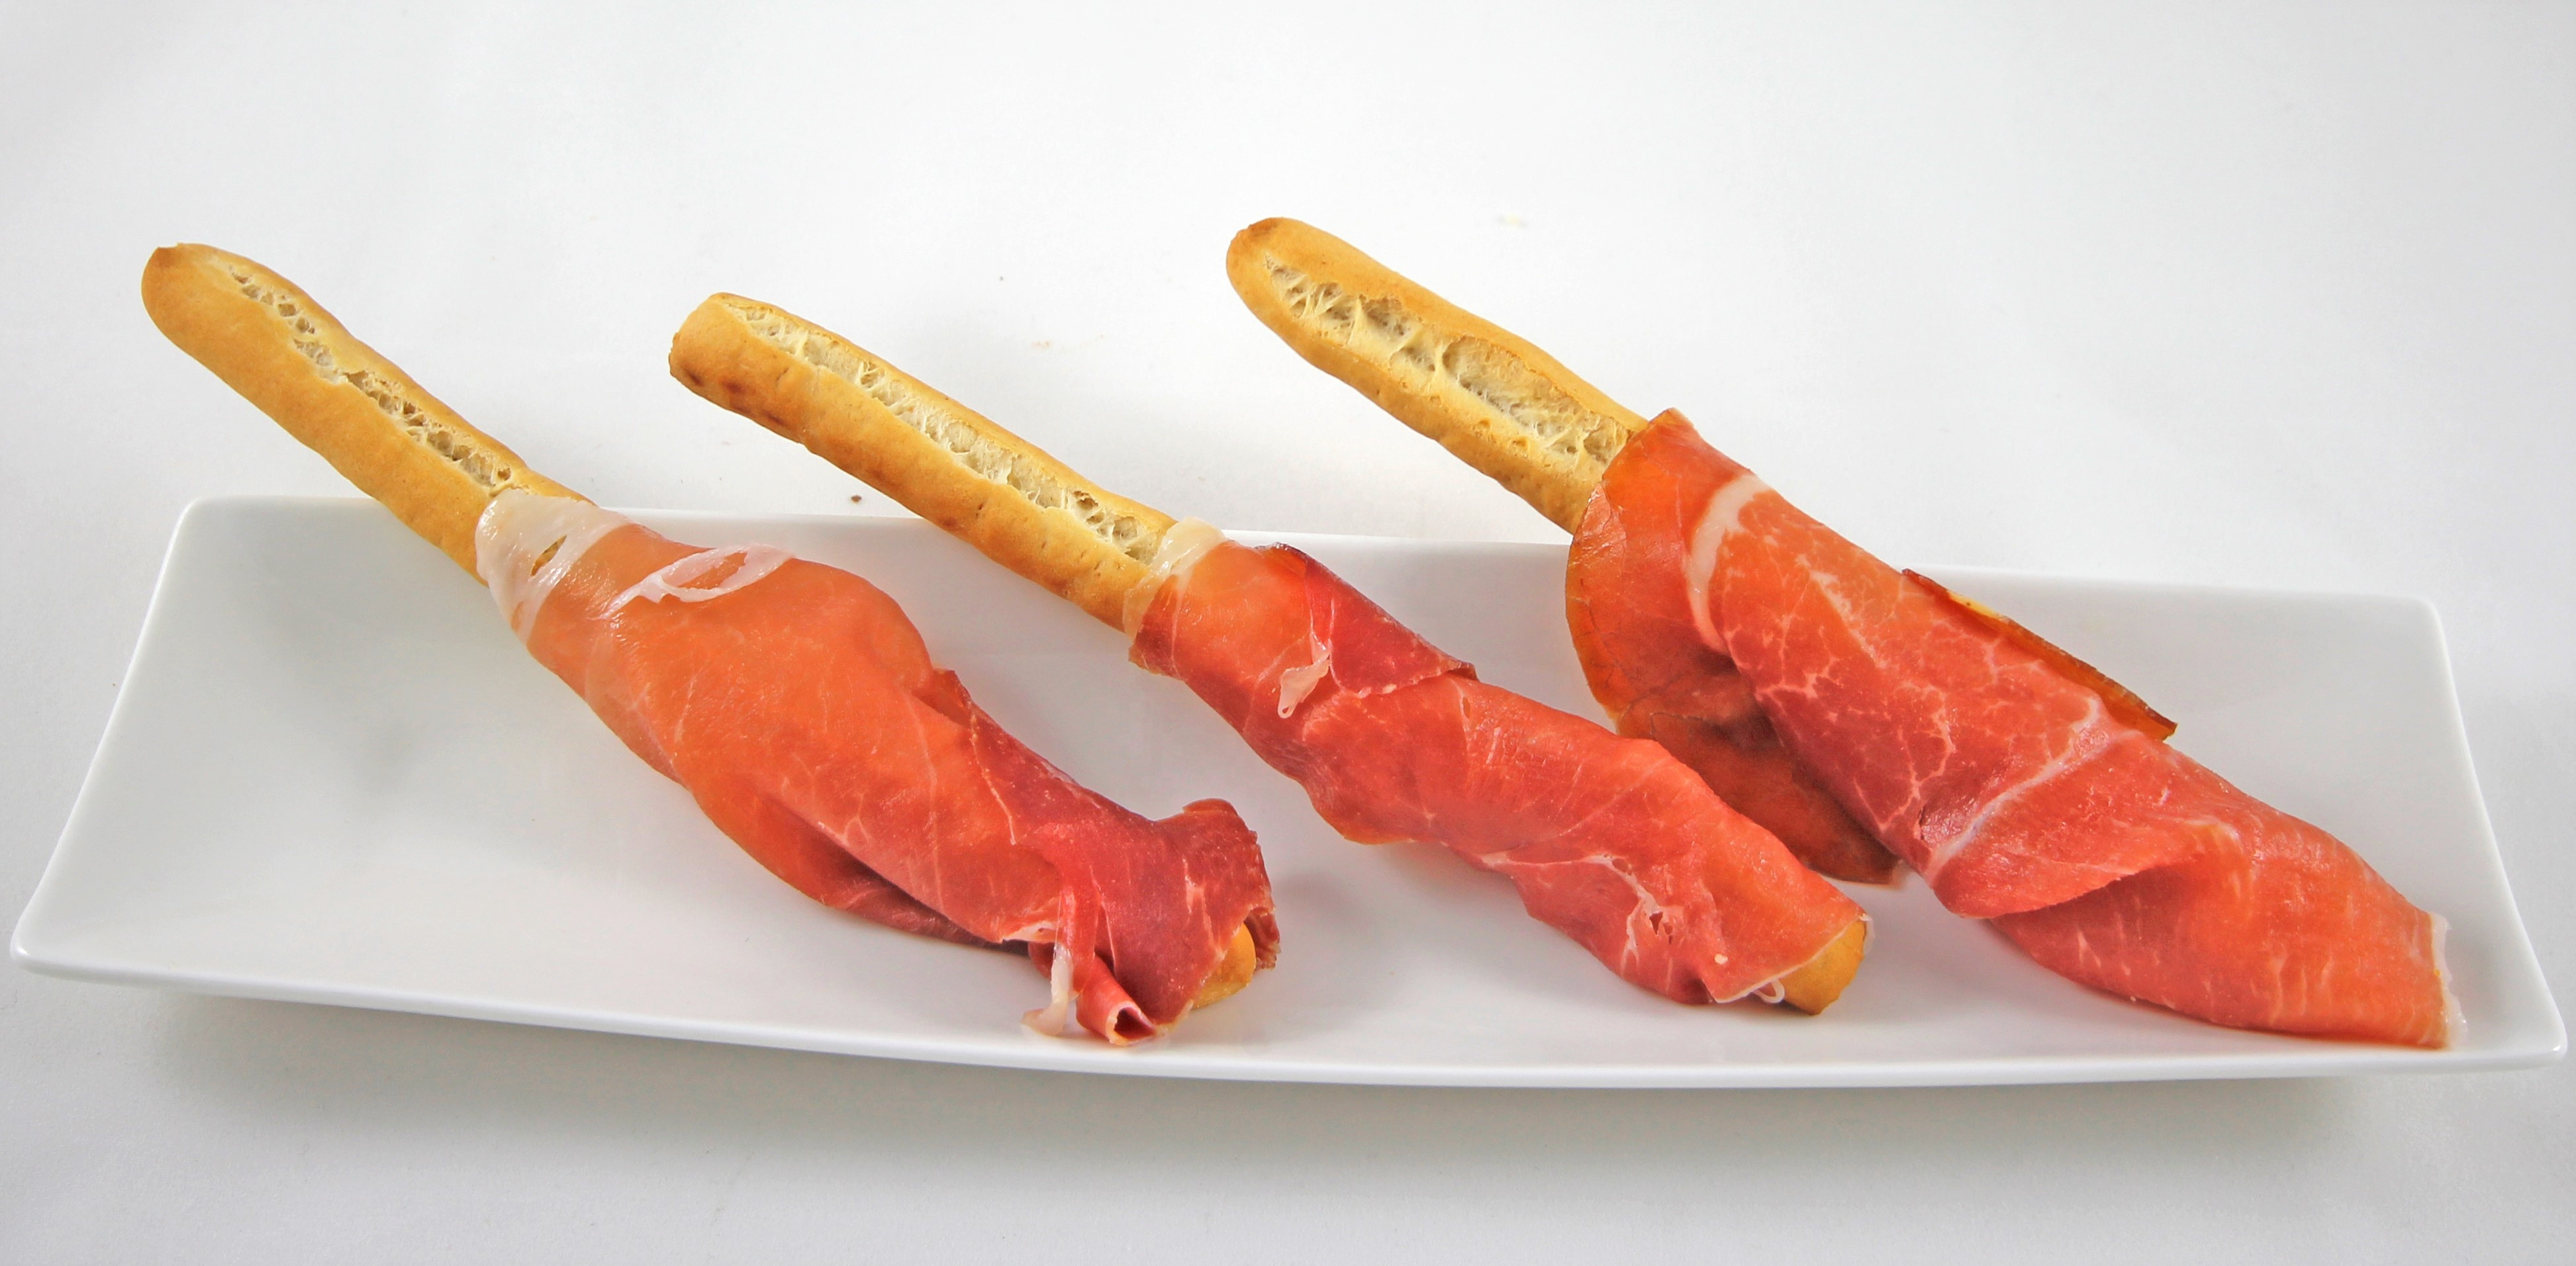 250g Breadsticks with Onions Giuseppe Verdi Selection Breadsticks